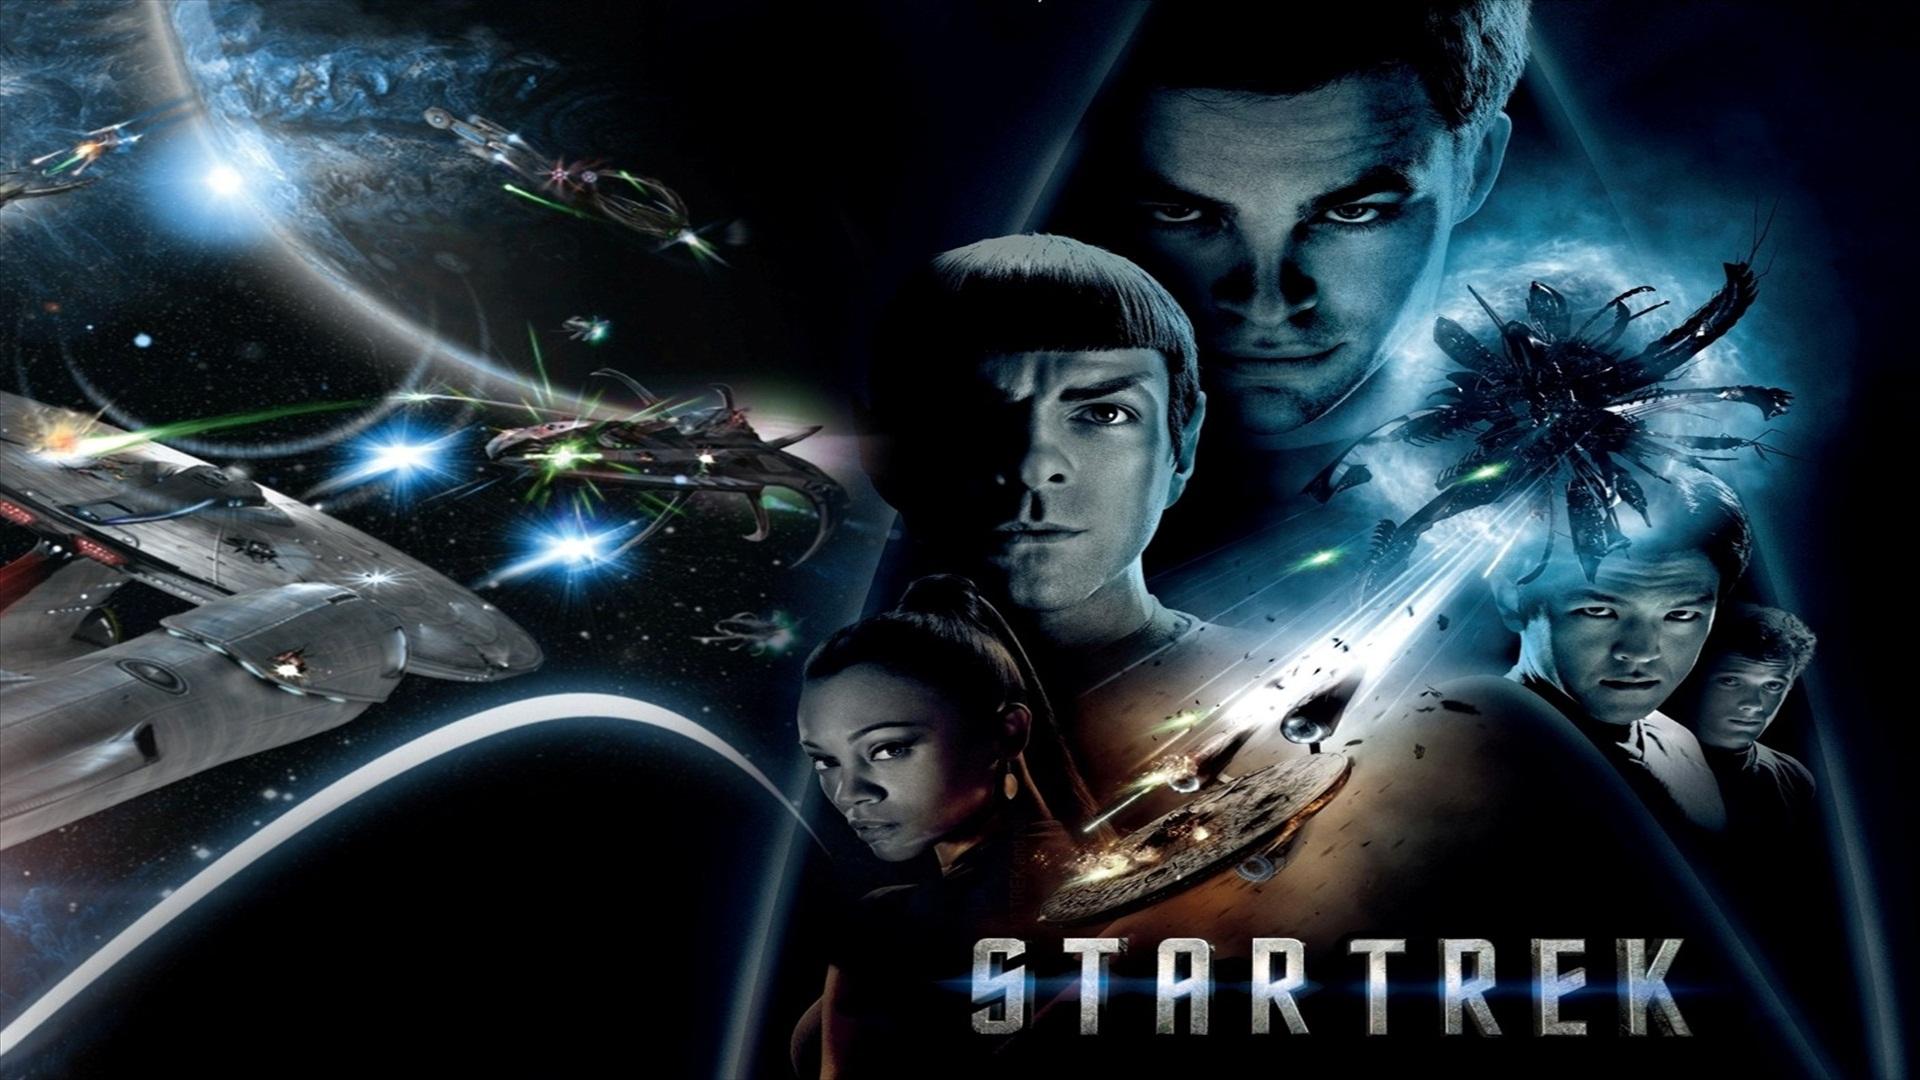 star trek hd wallpaper | background image | 1920x1080 | id:141970